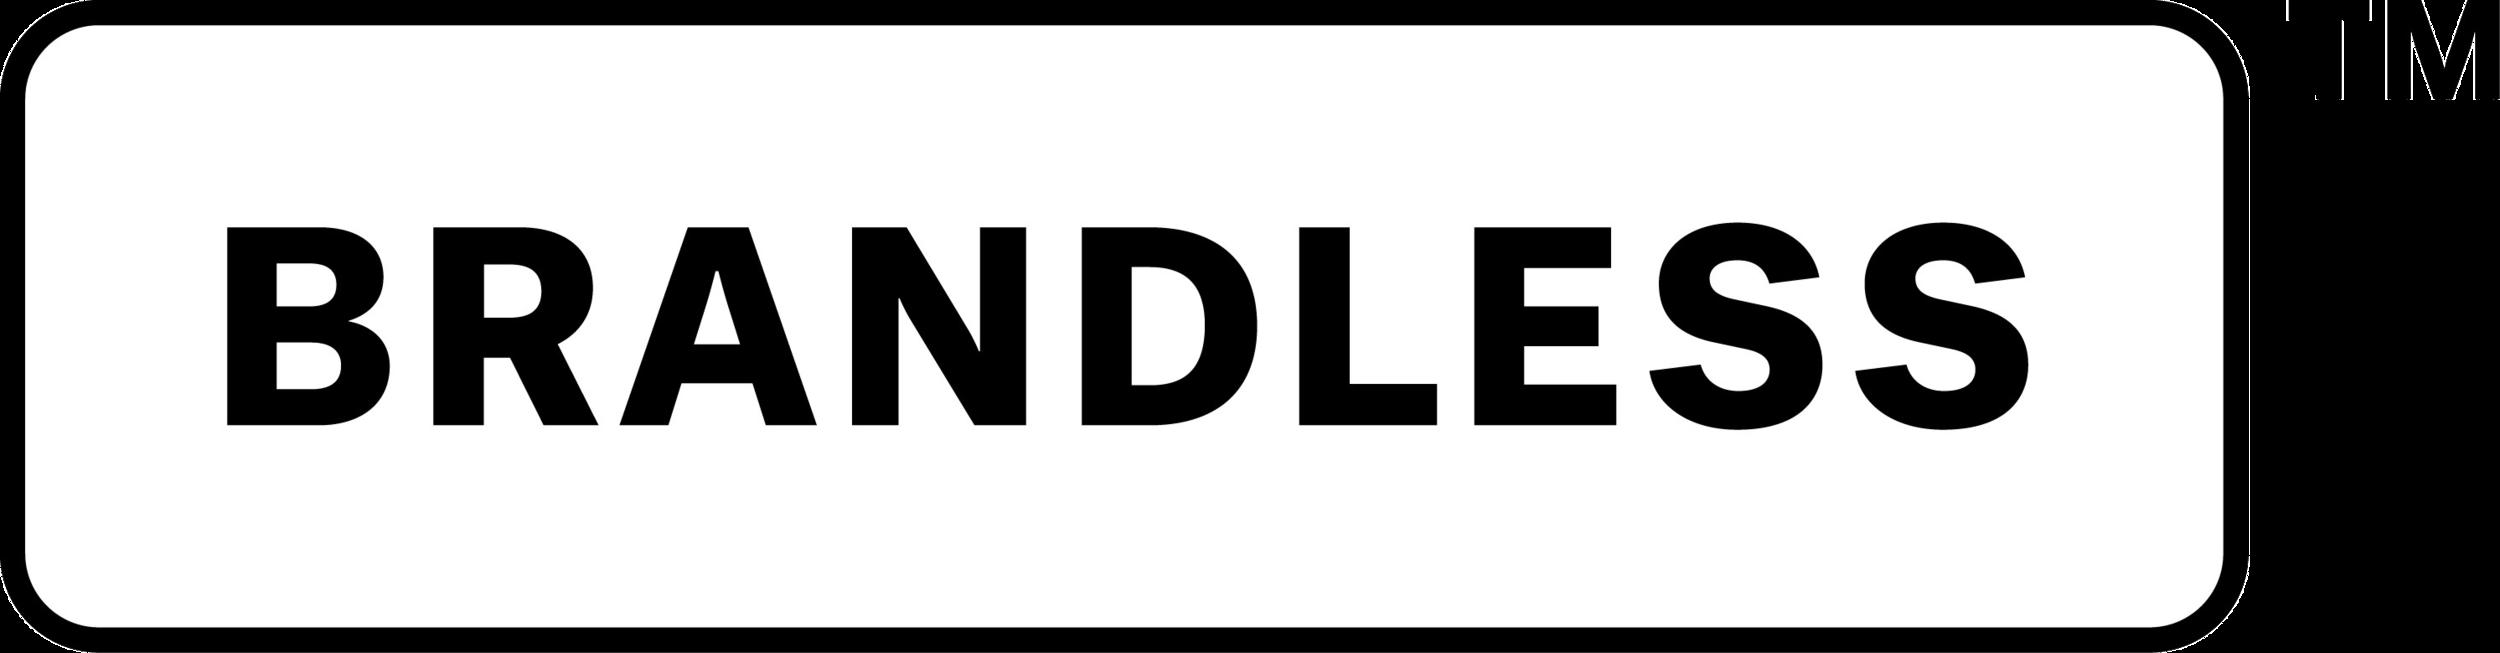 Brandless_logo.png